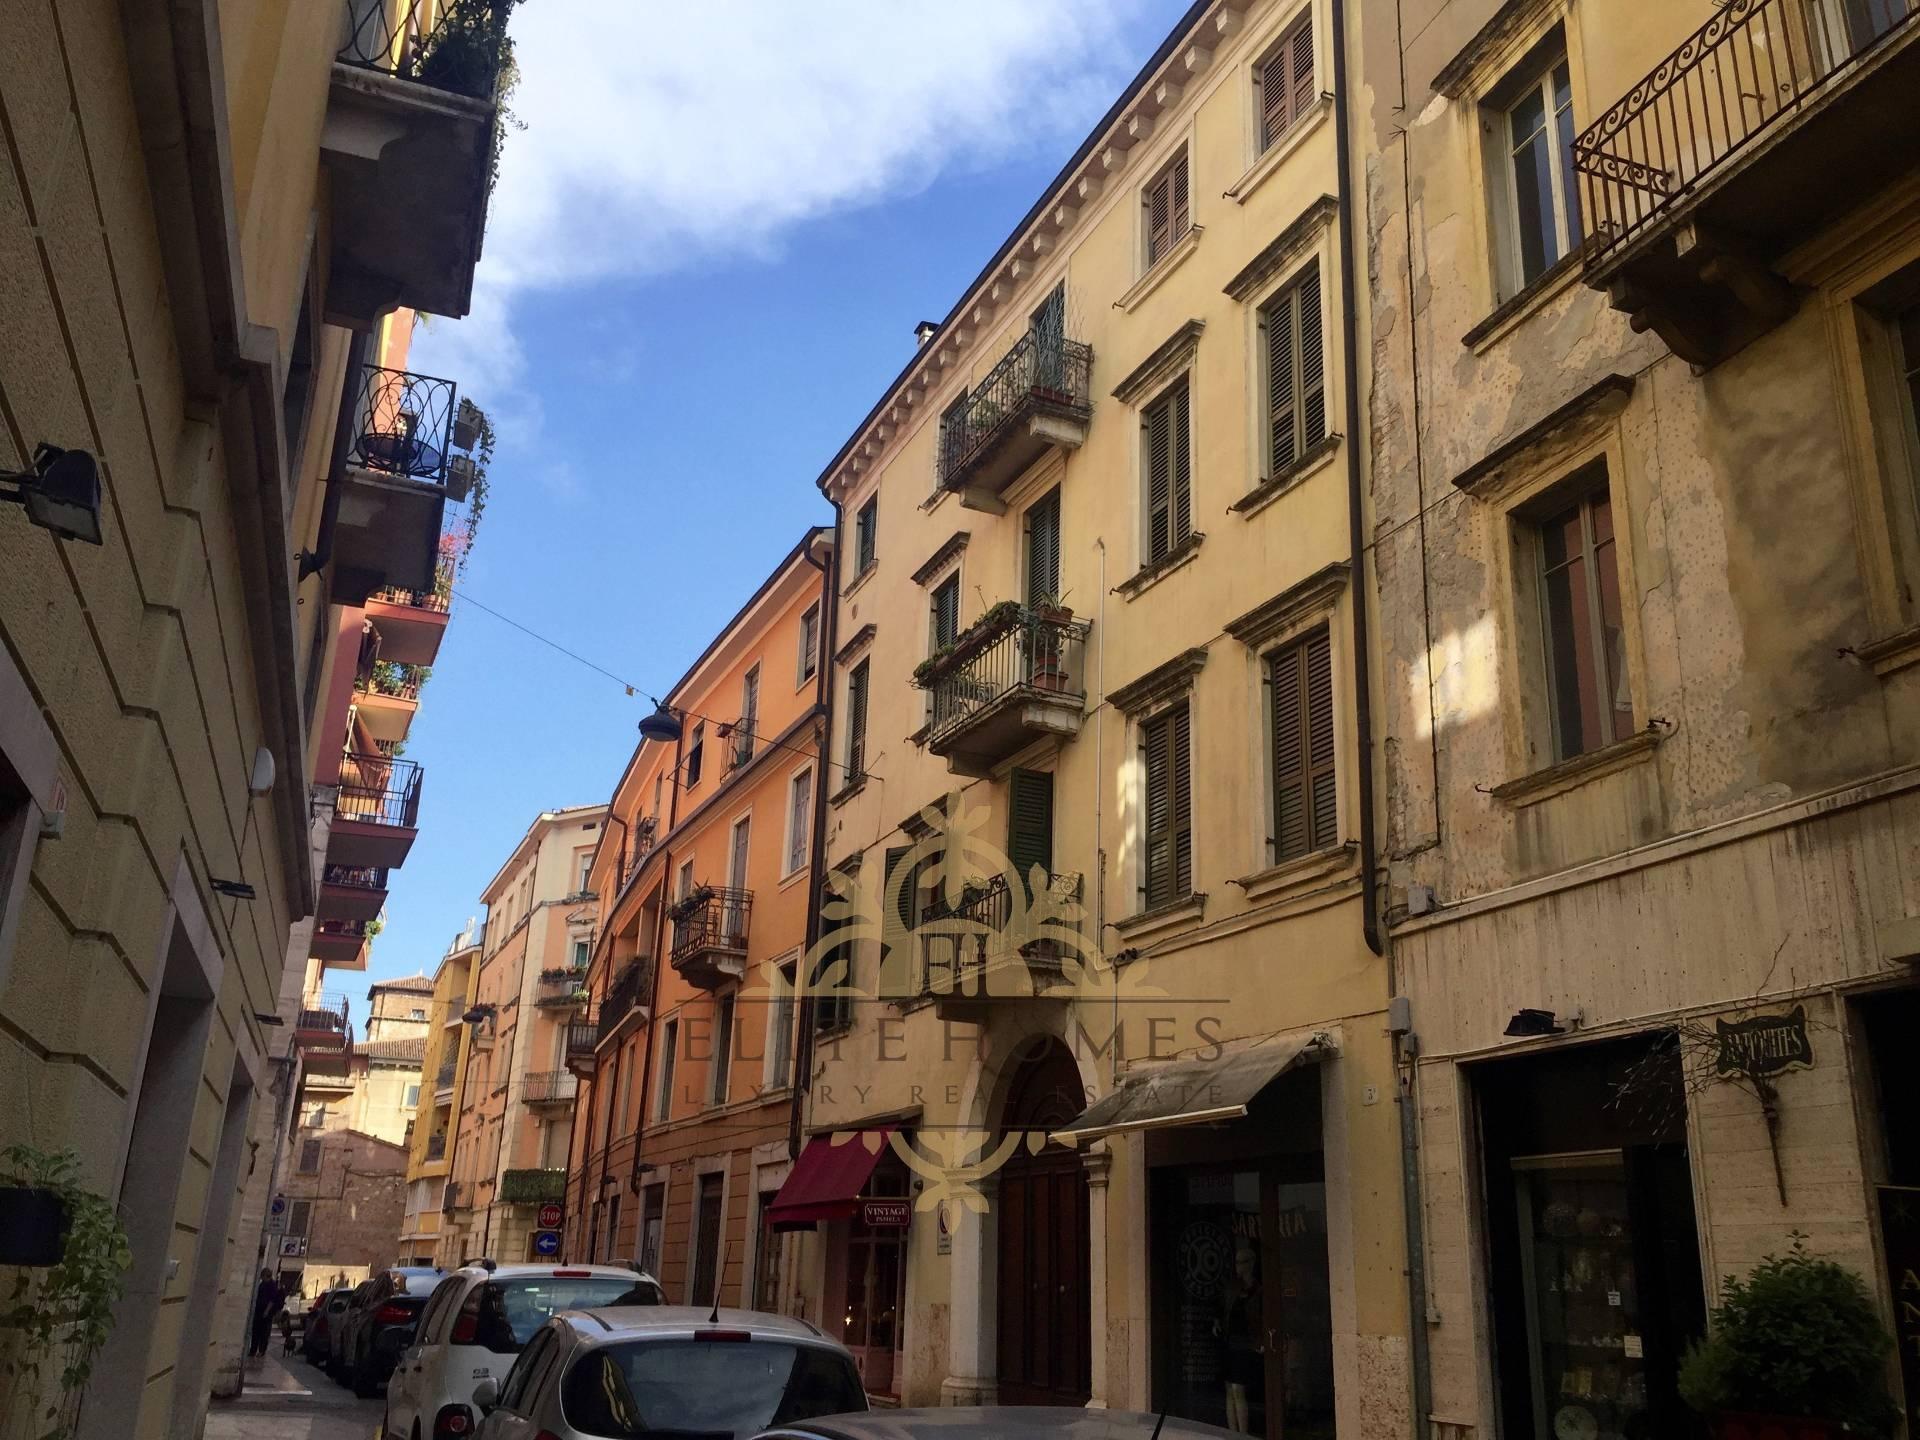 Appartamento in vendita a Verona, 7 locali, zona Località: Centrostorico, prezzo € 320.000   CambioCasa.it